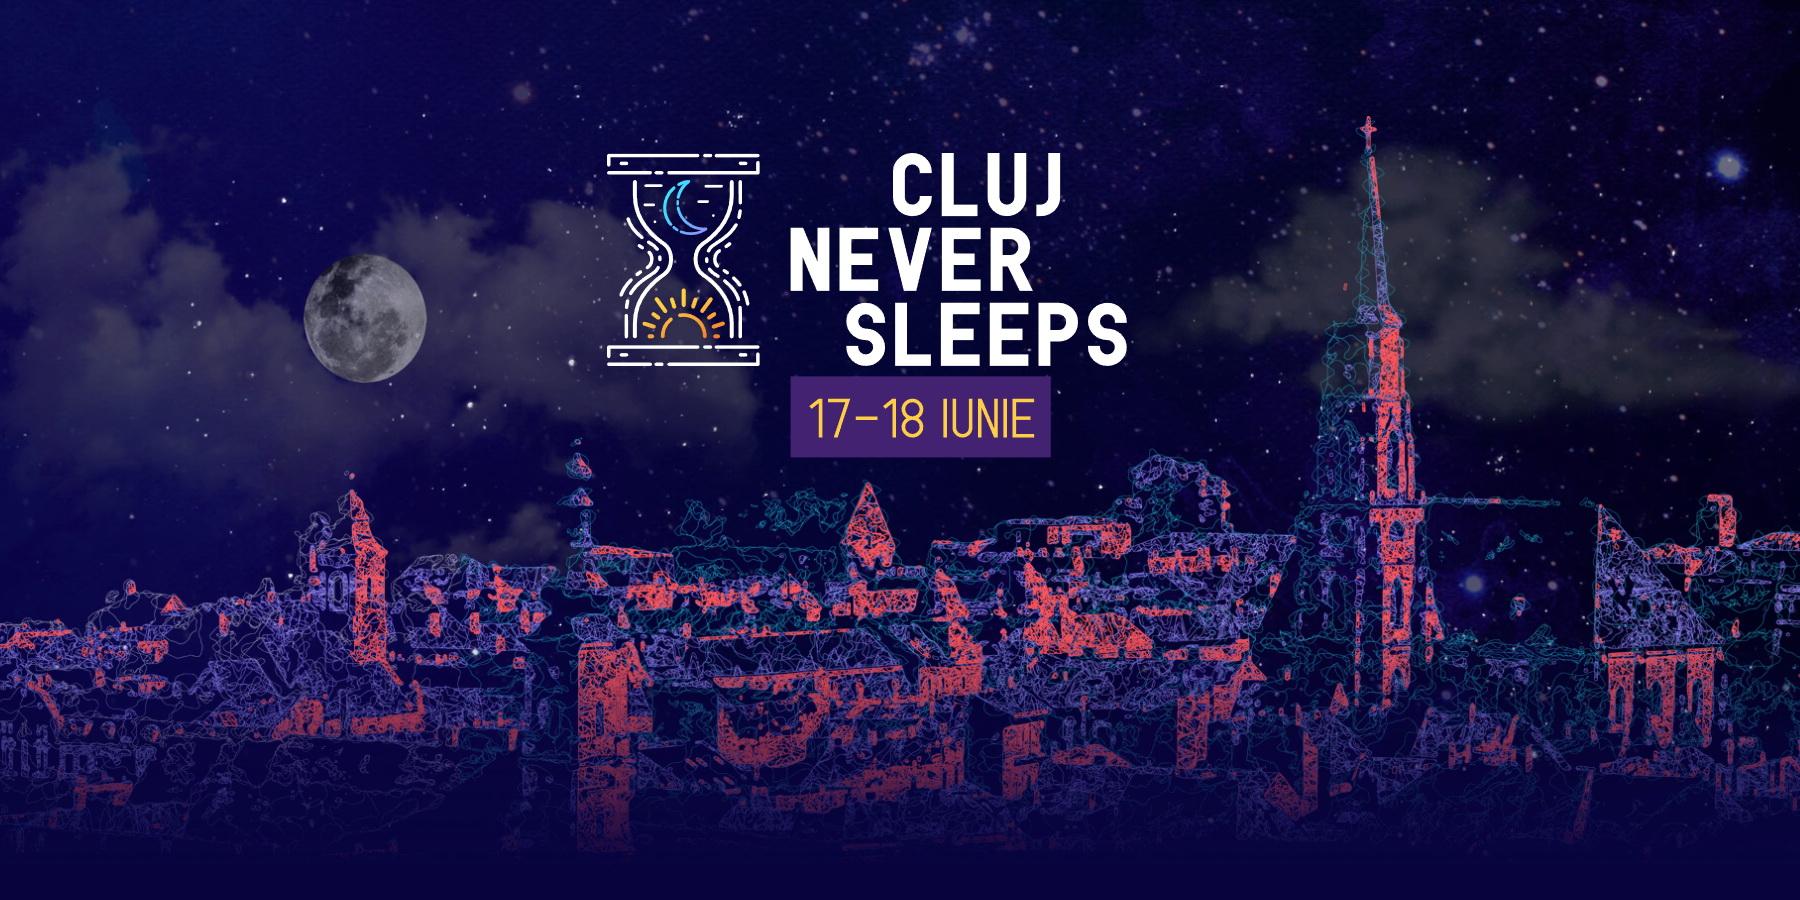 Ce NU trebuie să ratezi la Cluj Never Sleeps 2017